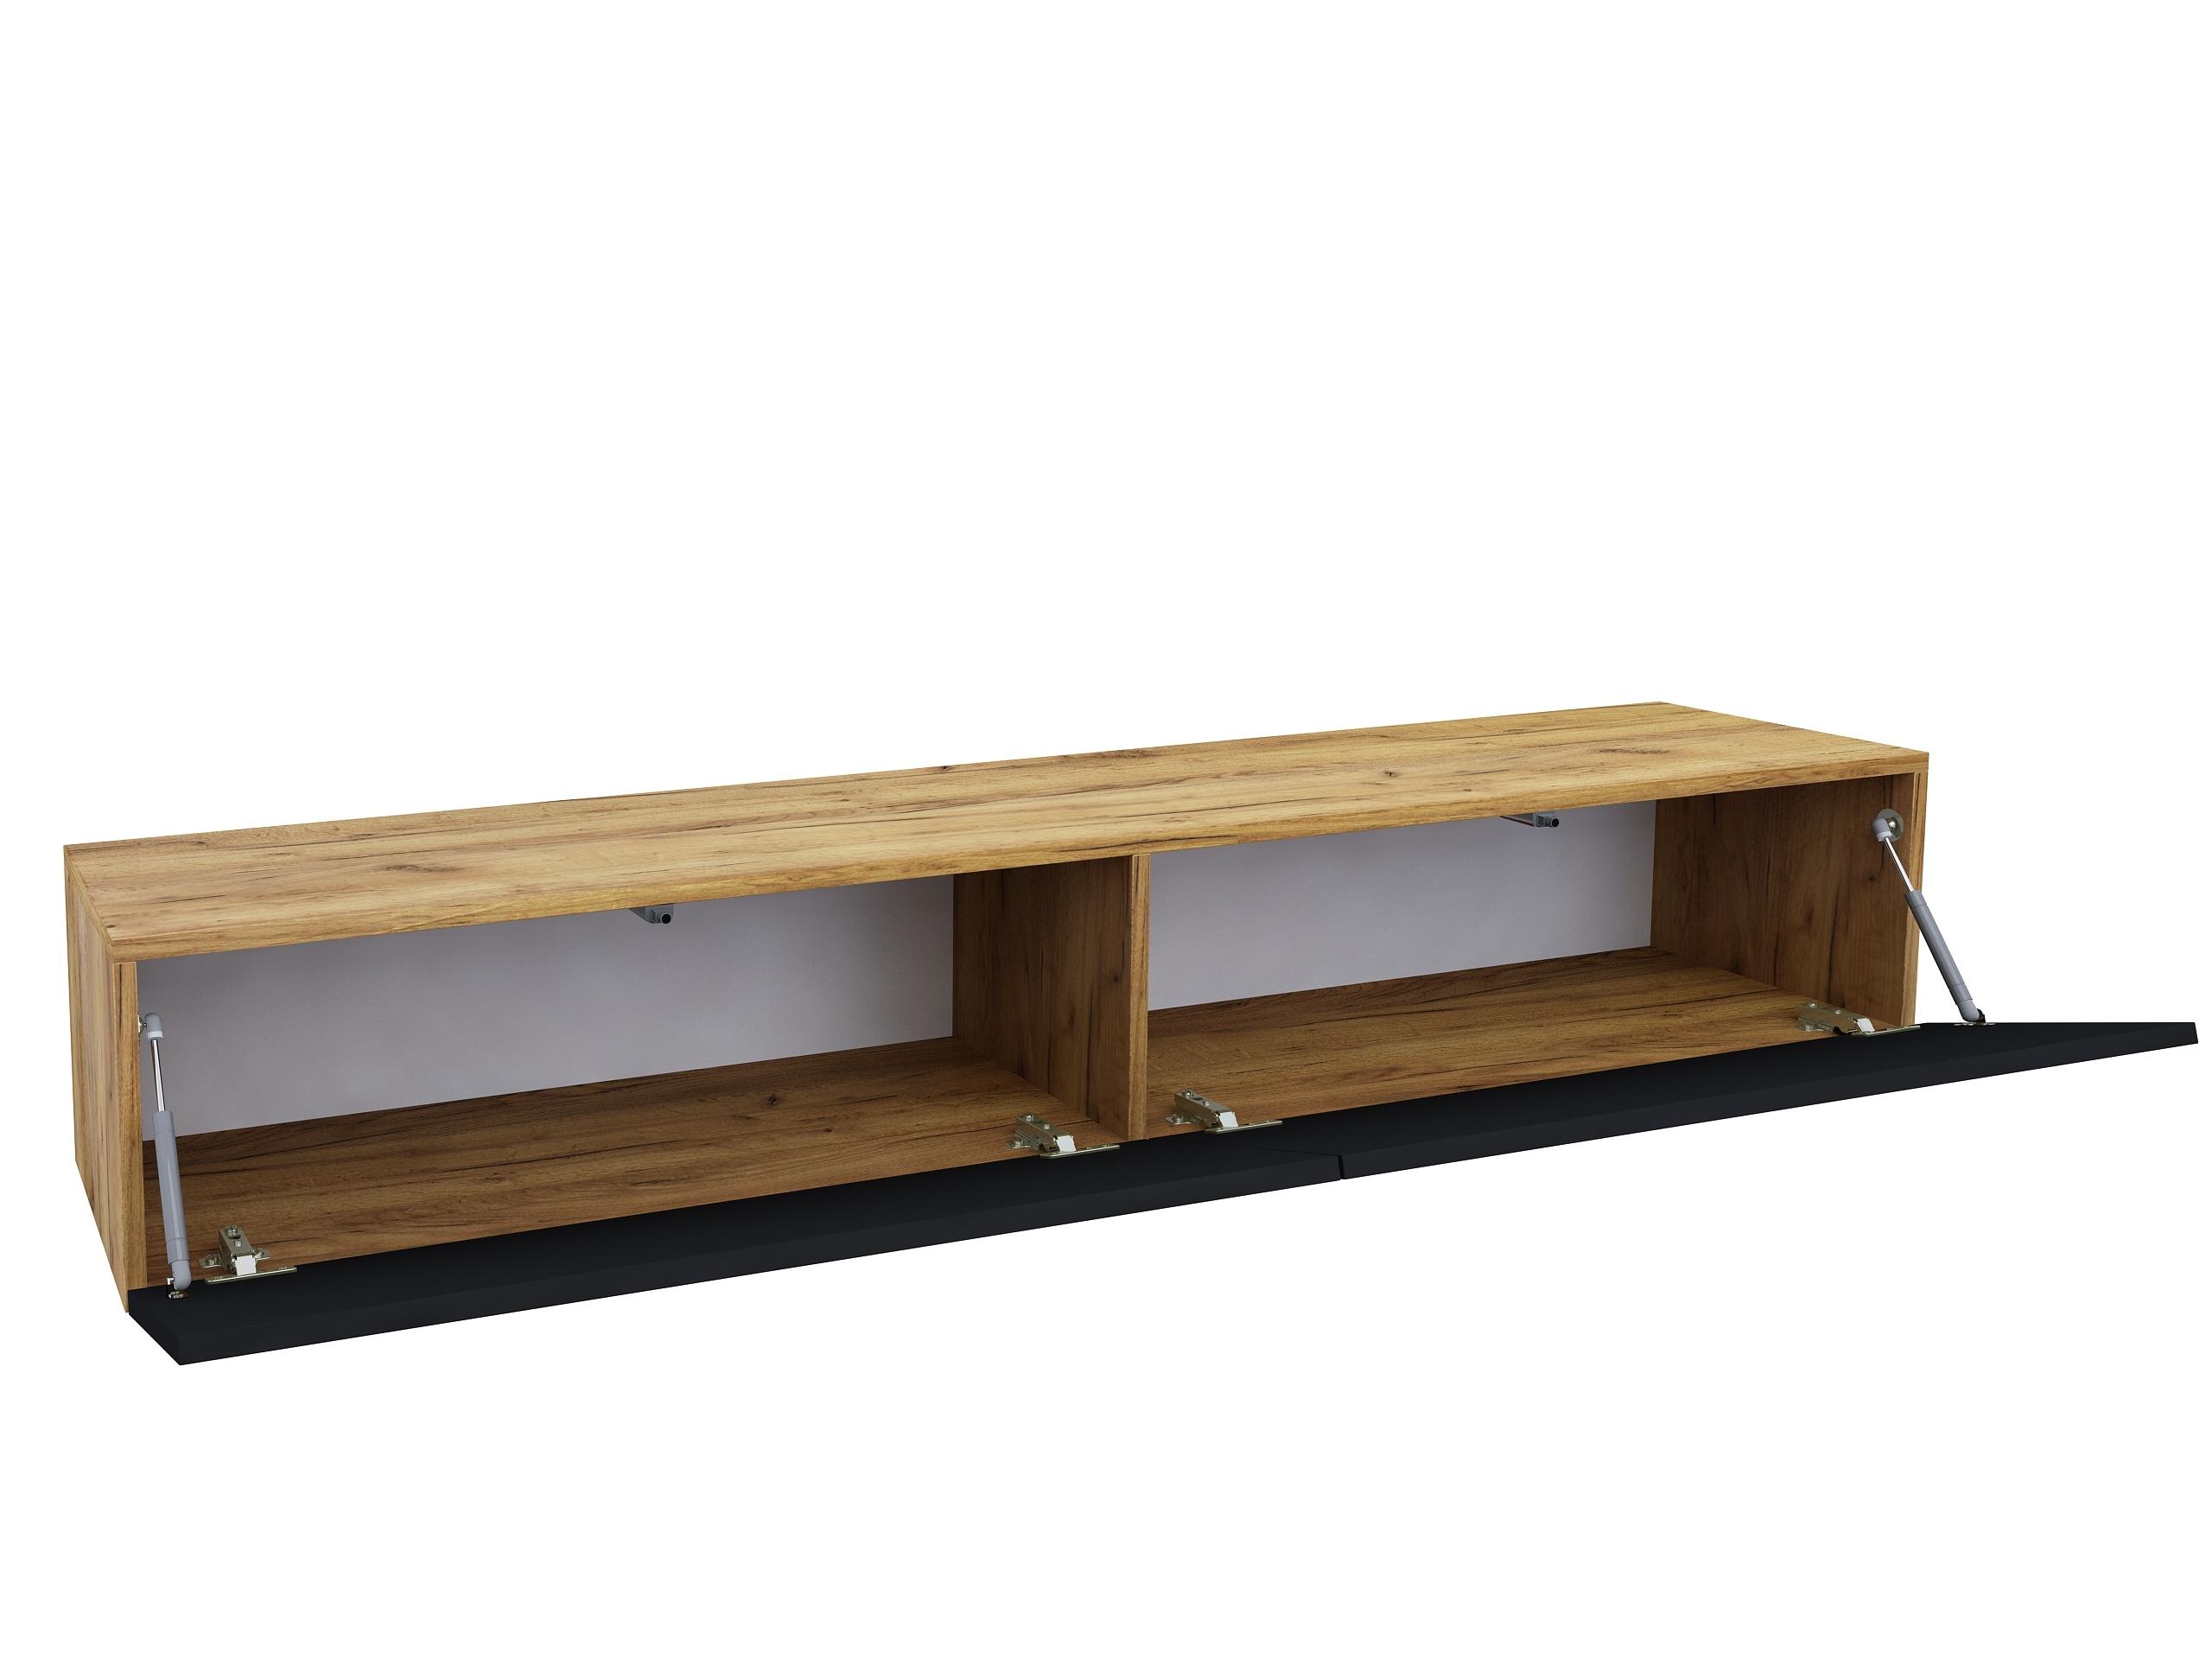 matowa szafka pod tv, dąb złoty, dąb craft złoty, wisząca szafka, stojąca szafka pod telewizor